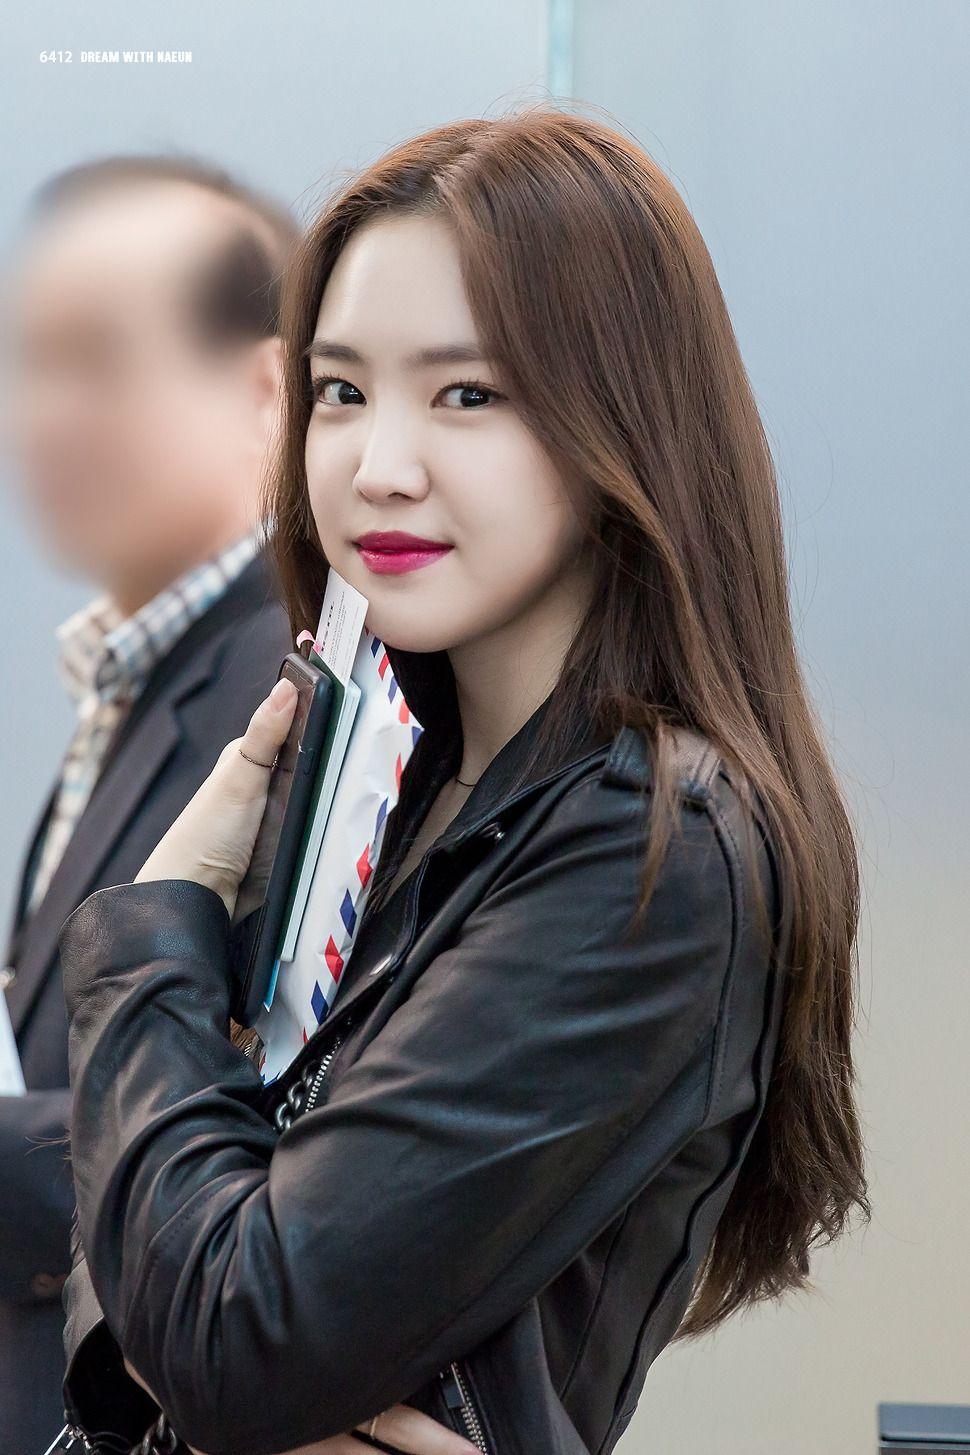 Hot Beautiful Korean Actresses Photos & Wallpapers에 있는